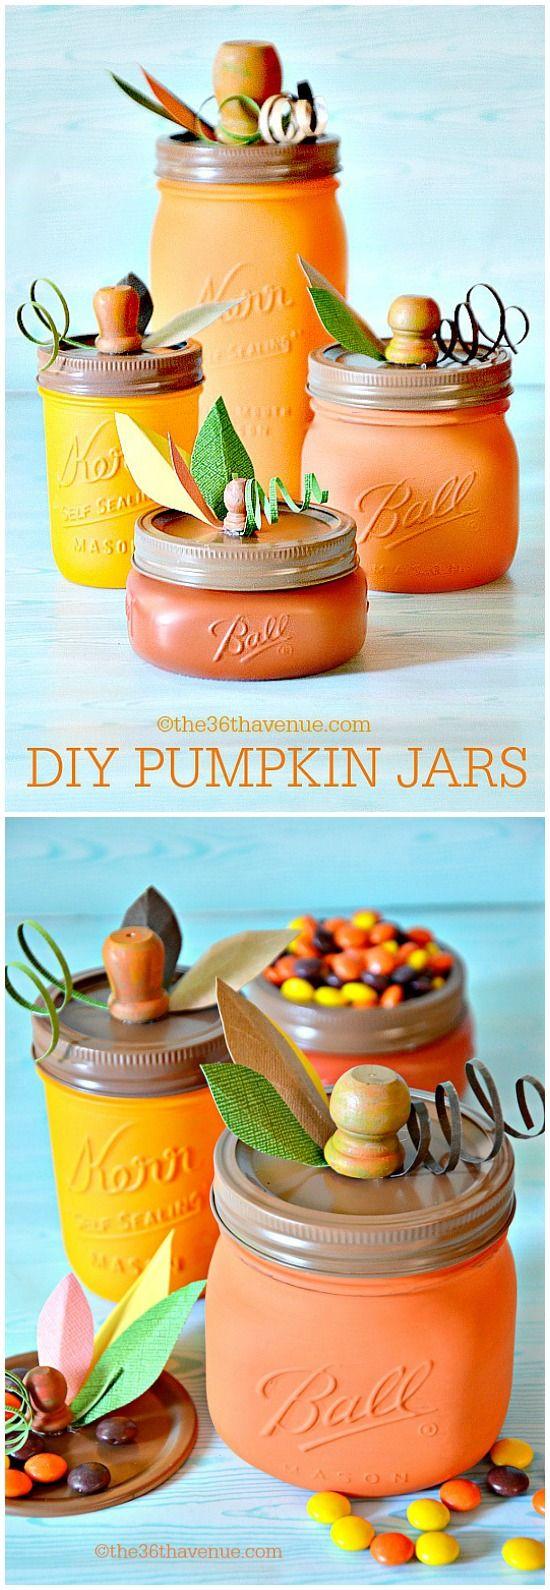 DIY Pumpkin Ideas 28